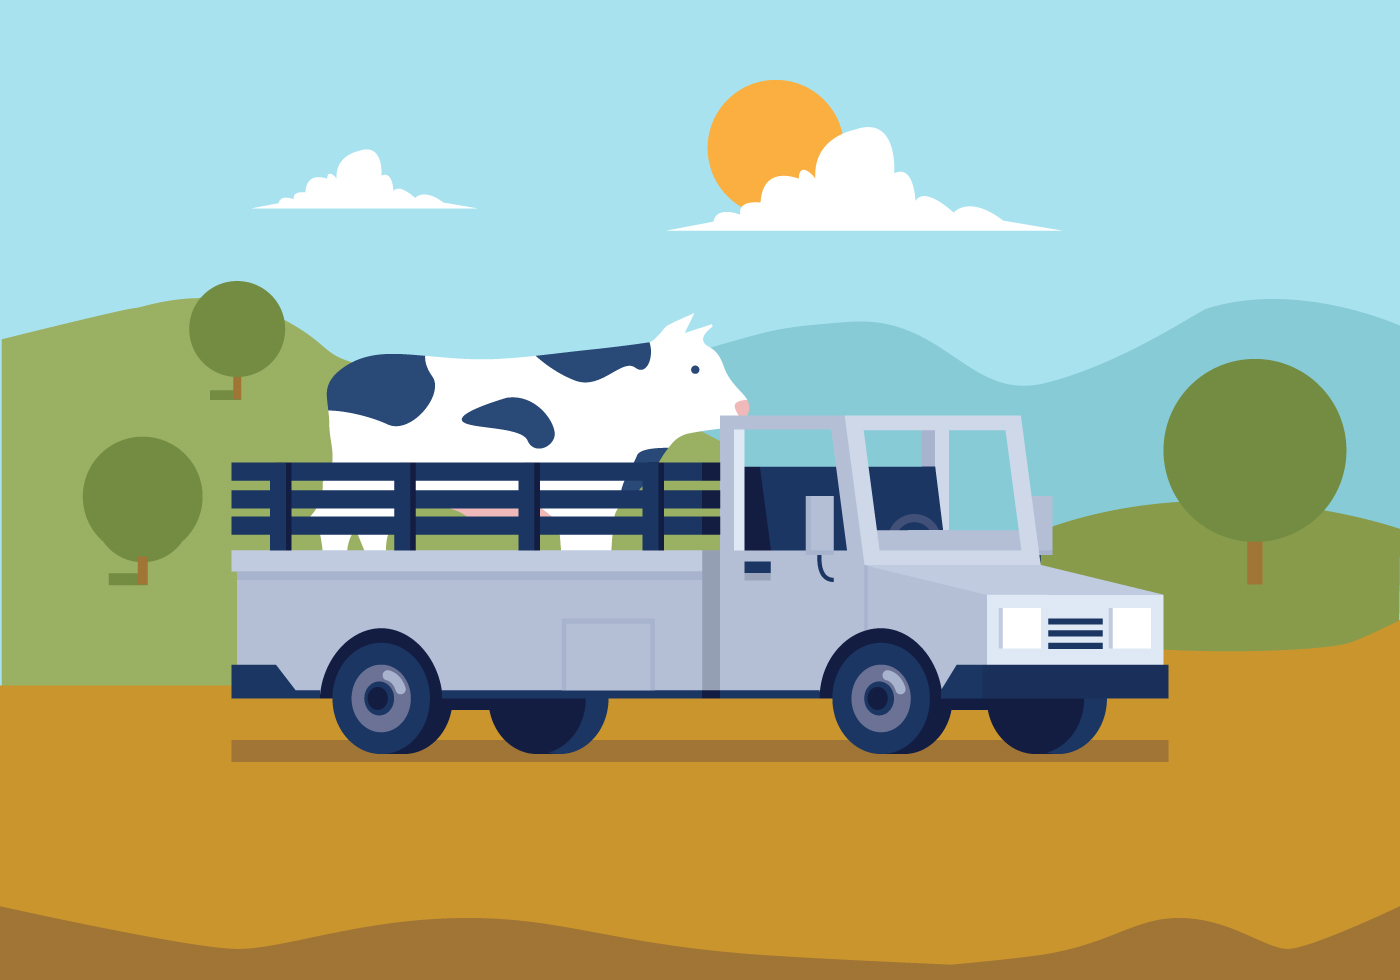 Vintage Farmers Market Sign Vector Farm Truck - Do...